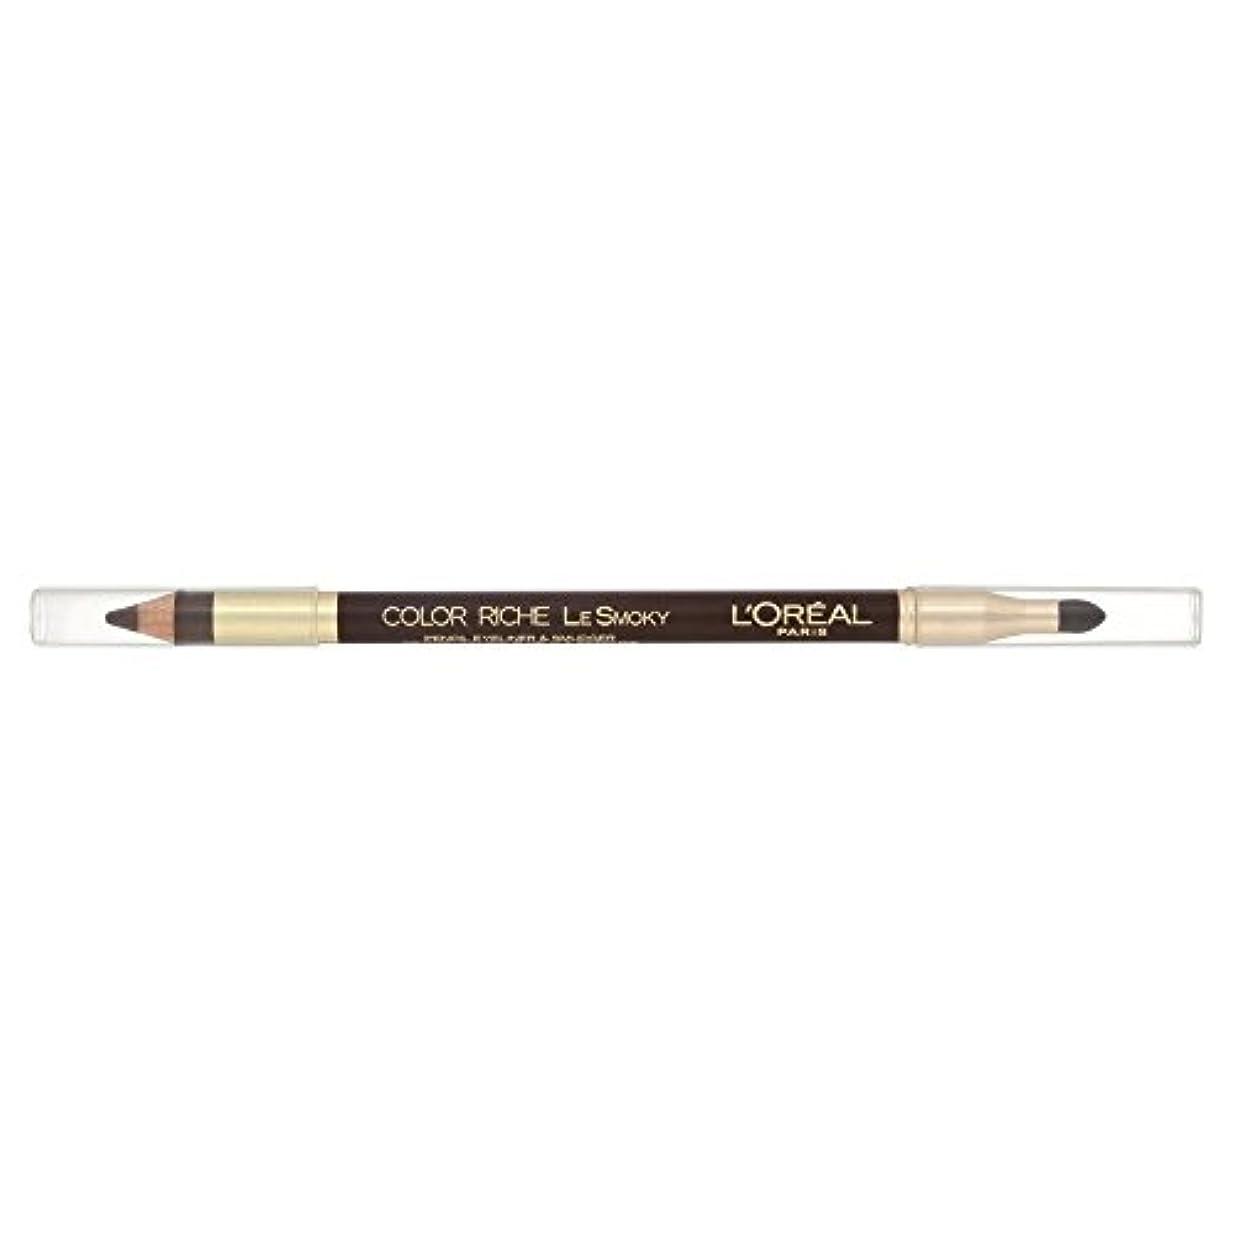 疲れたペニー第二にLoreal Color Riche Le Smoky Eyeliner Brown Fusion 204